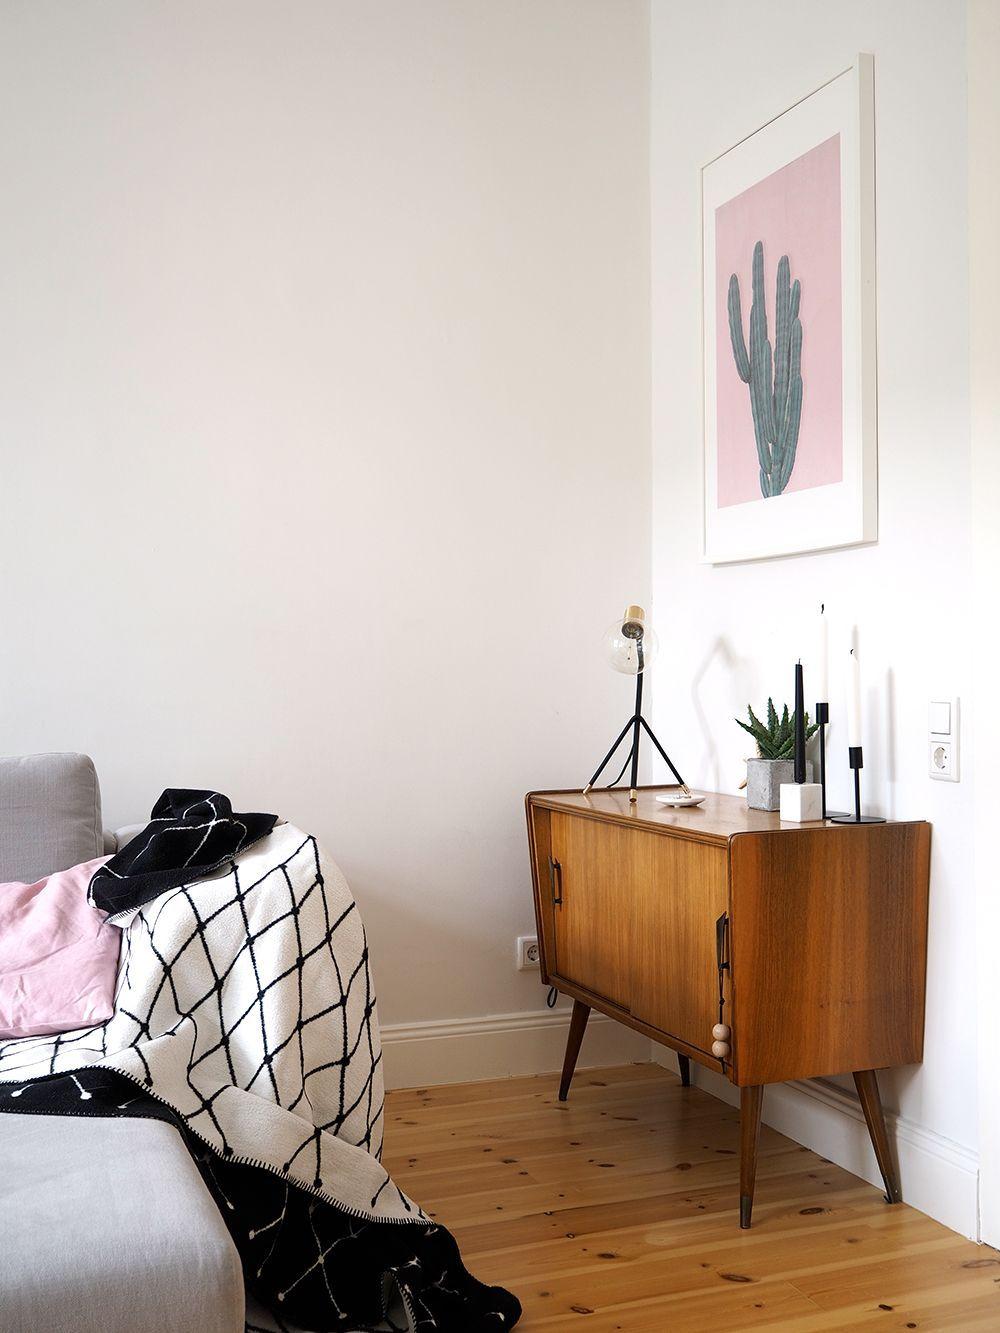 Einrichtungstipps für kleine Wohnzimmer - www.craftifair.com ...